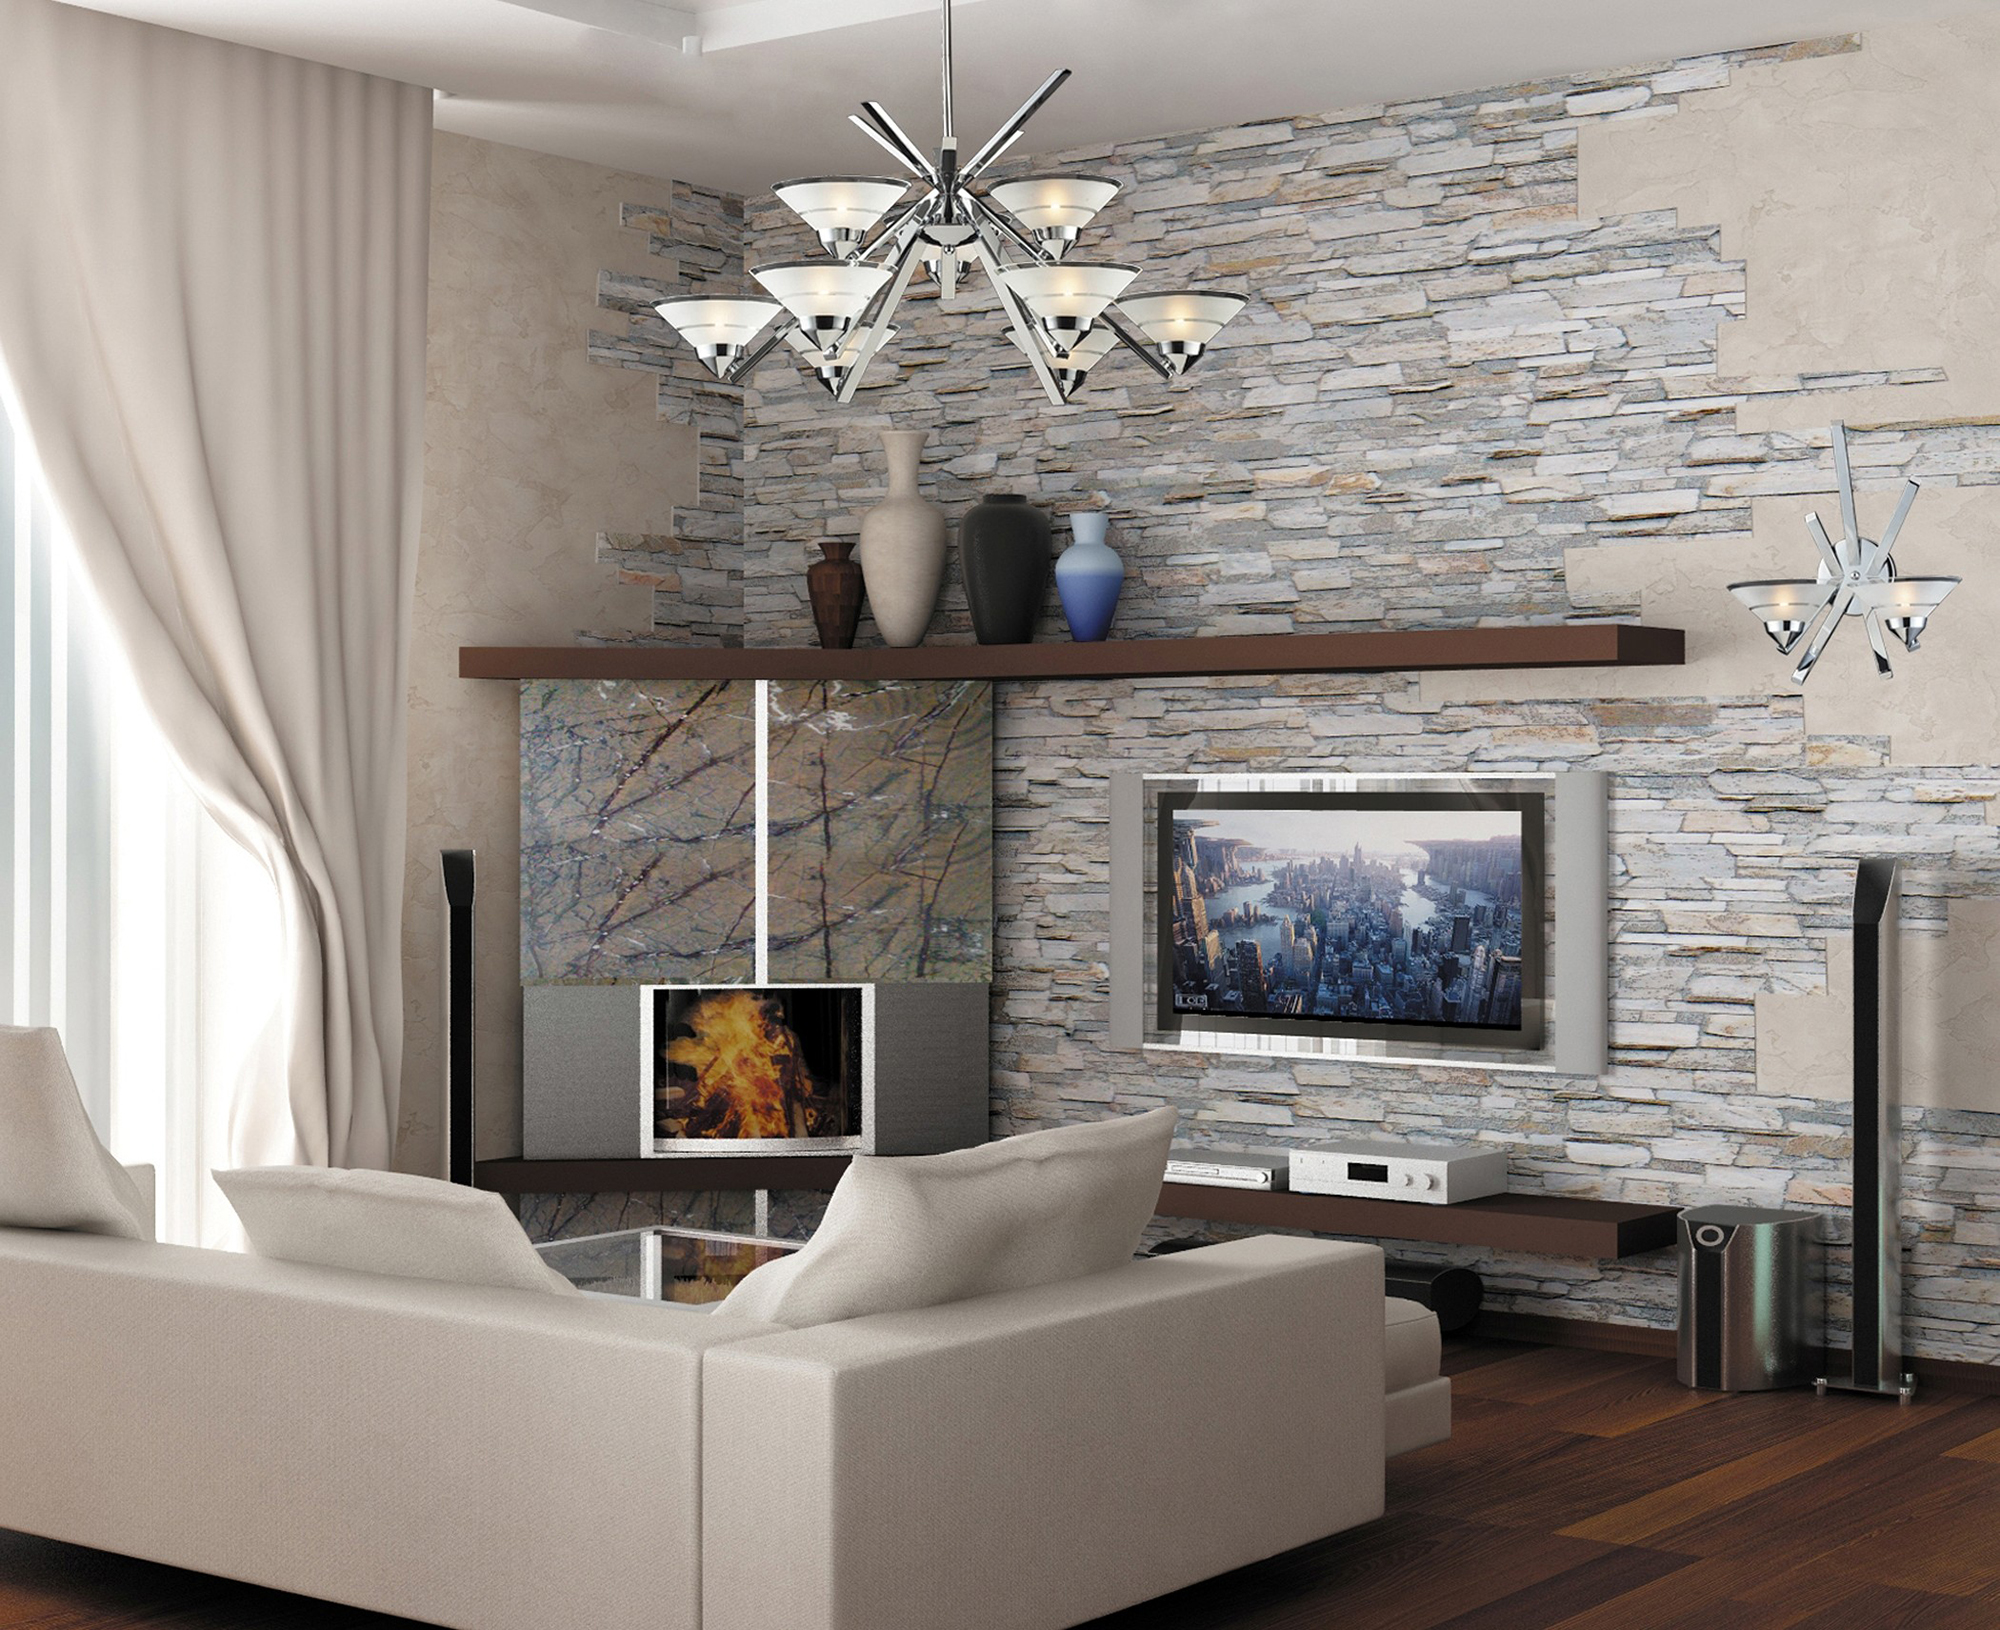 Частичная отделка стены в гостиной камнем